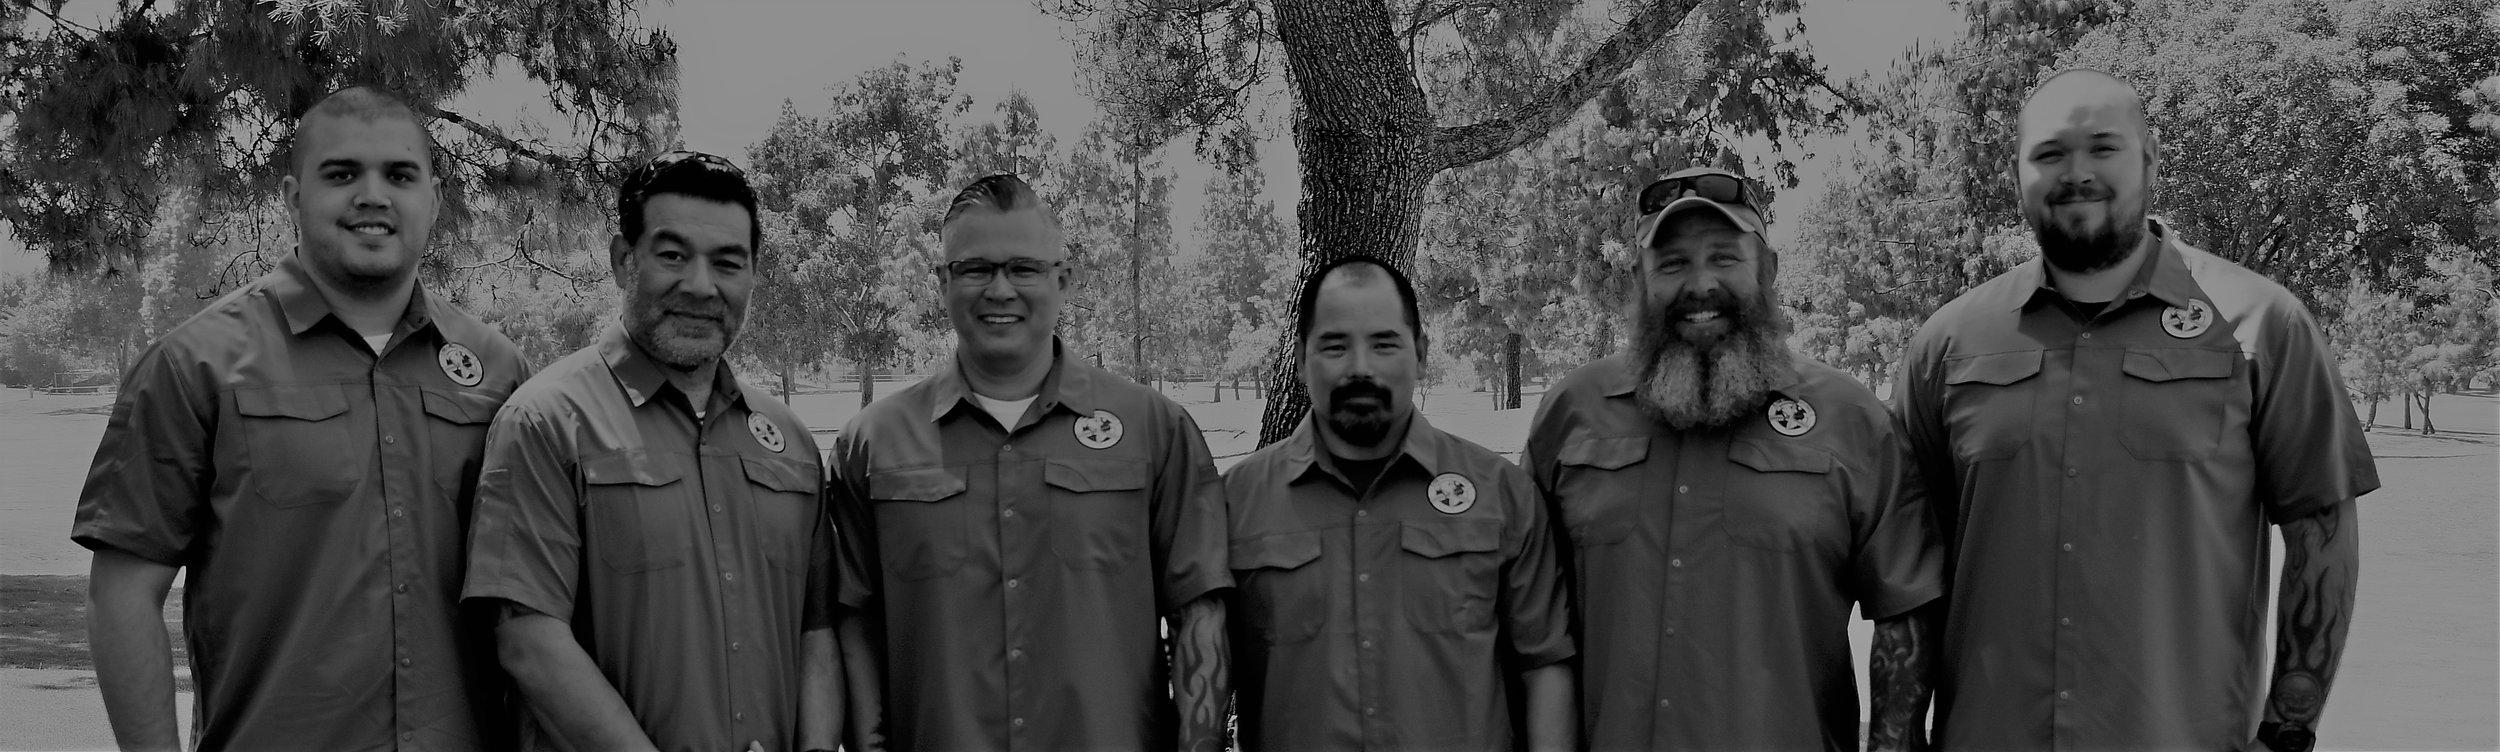 Ordered from left to right: Tyler Saichompoo, Hank Jessop, Mark Saichompoo, Scott Tsuda, Bobby Rumsey, Zakkary Saichompoo